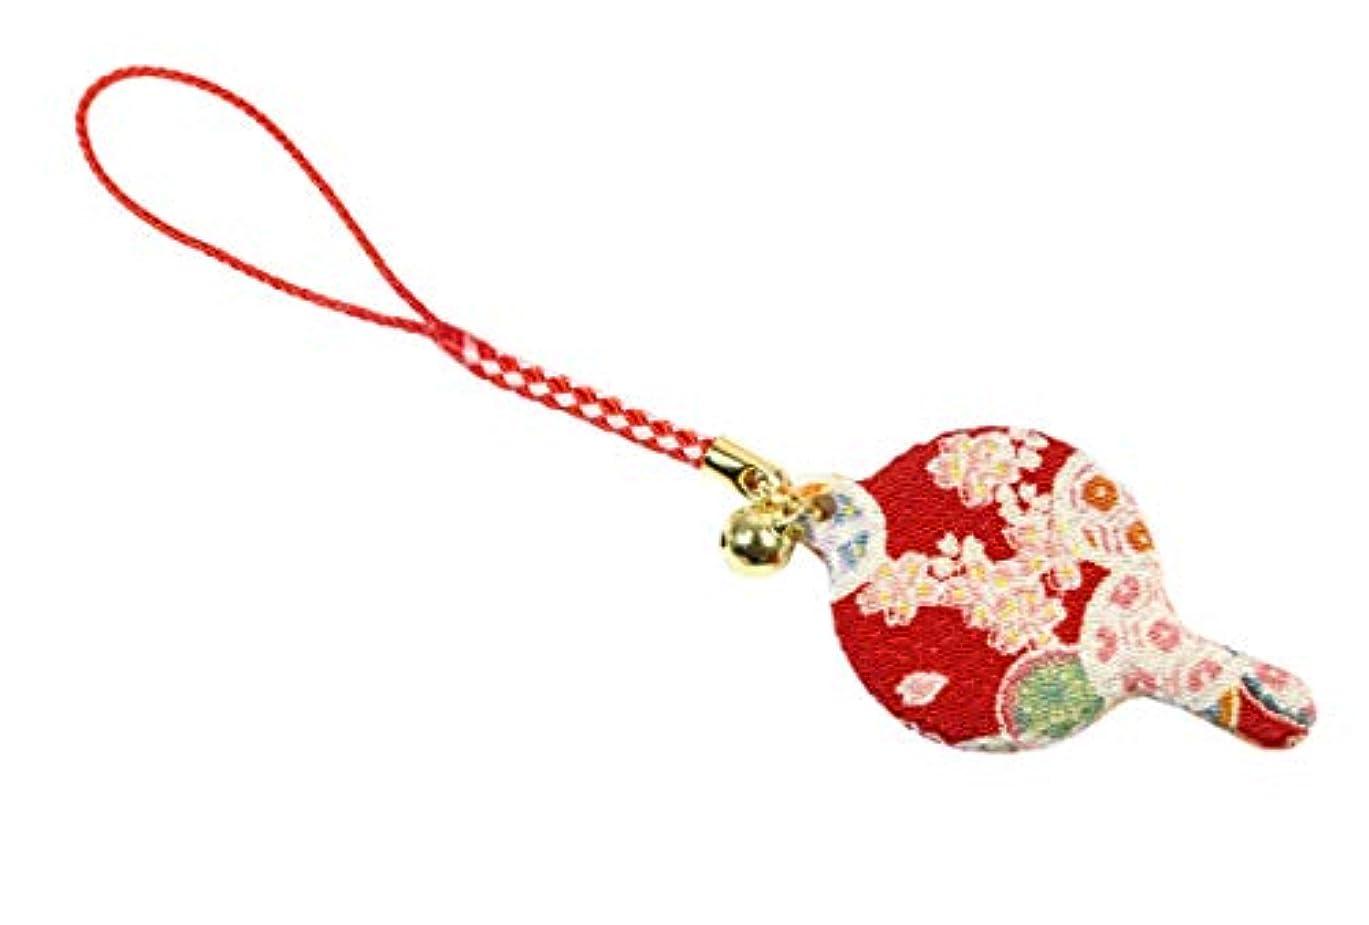 ズームインするほこりっぽいパイZOON(ズーン) 花ちりめん ミニハンドミラー 赤 和柄 着物 ちりめん 生地 布製 根付け ミニ鏡 日本製 お土産 赤